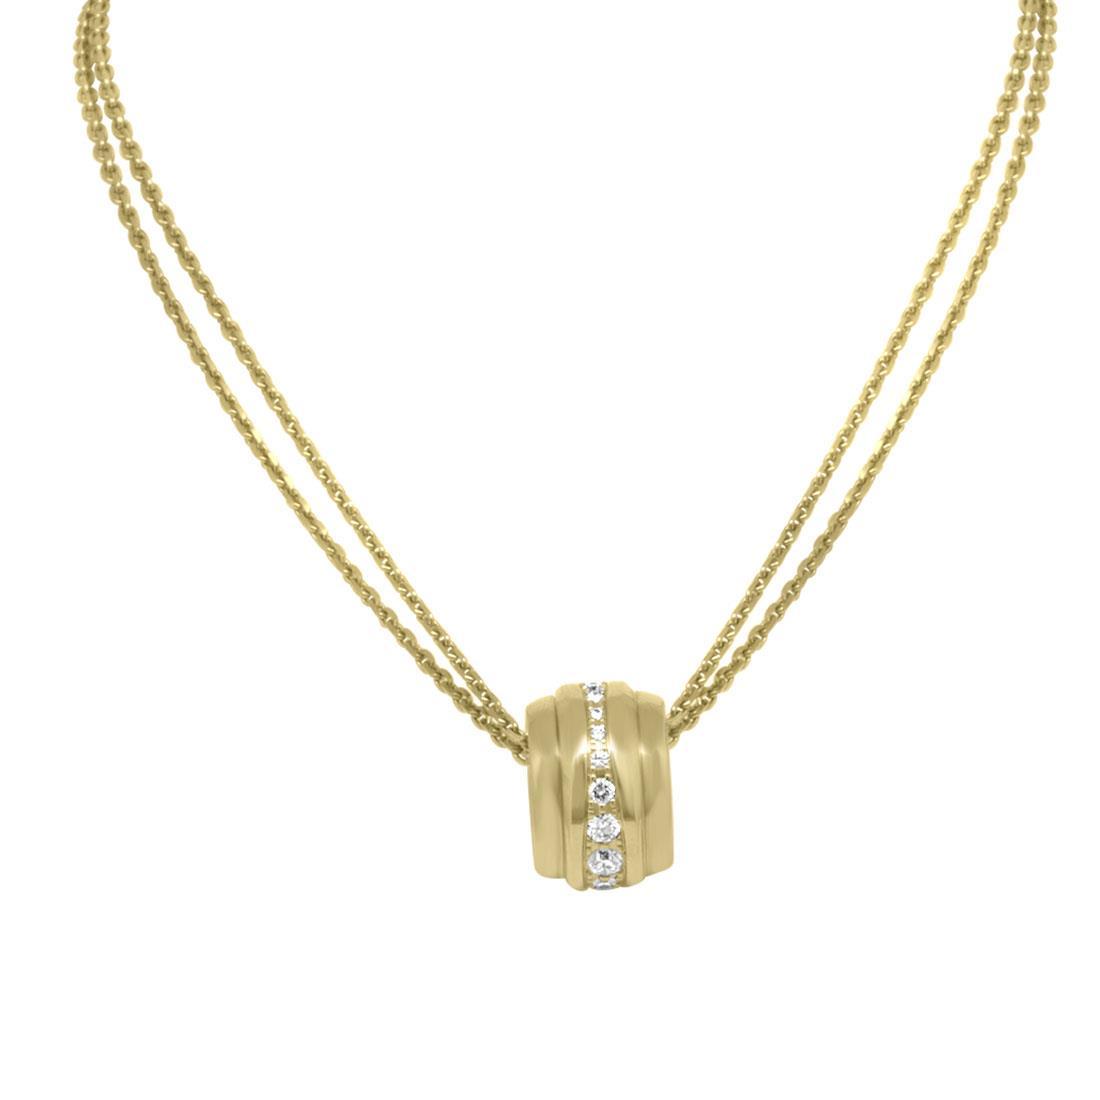 Collana in oro rosa con doppia catena e pendente La Strada con diamanti ct 0.46 - CHOPARD